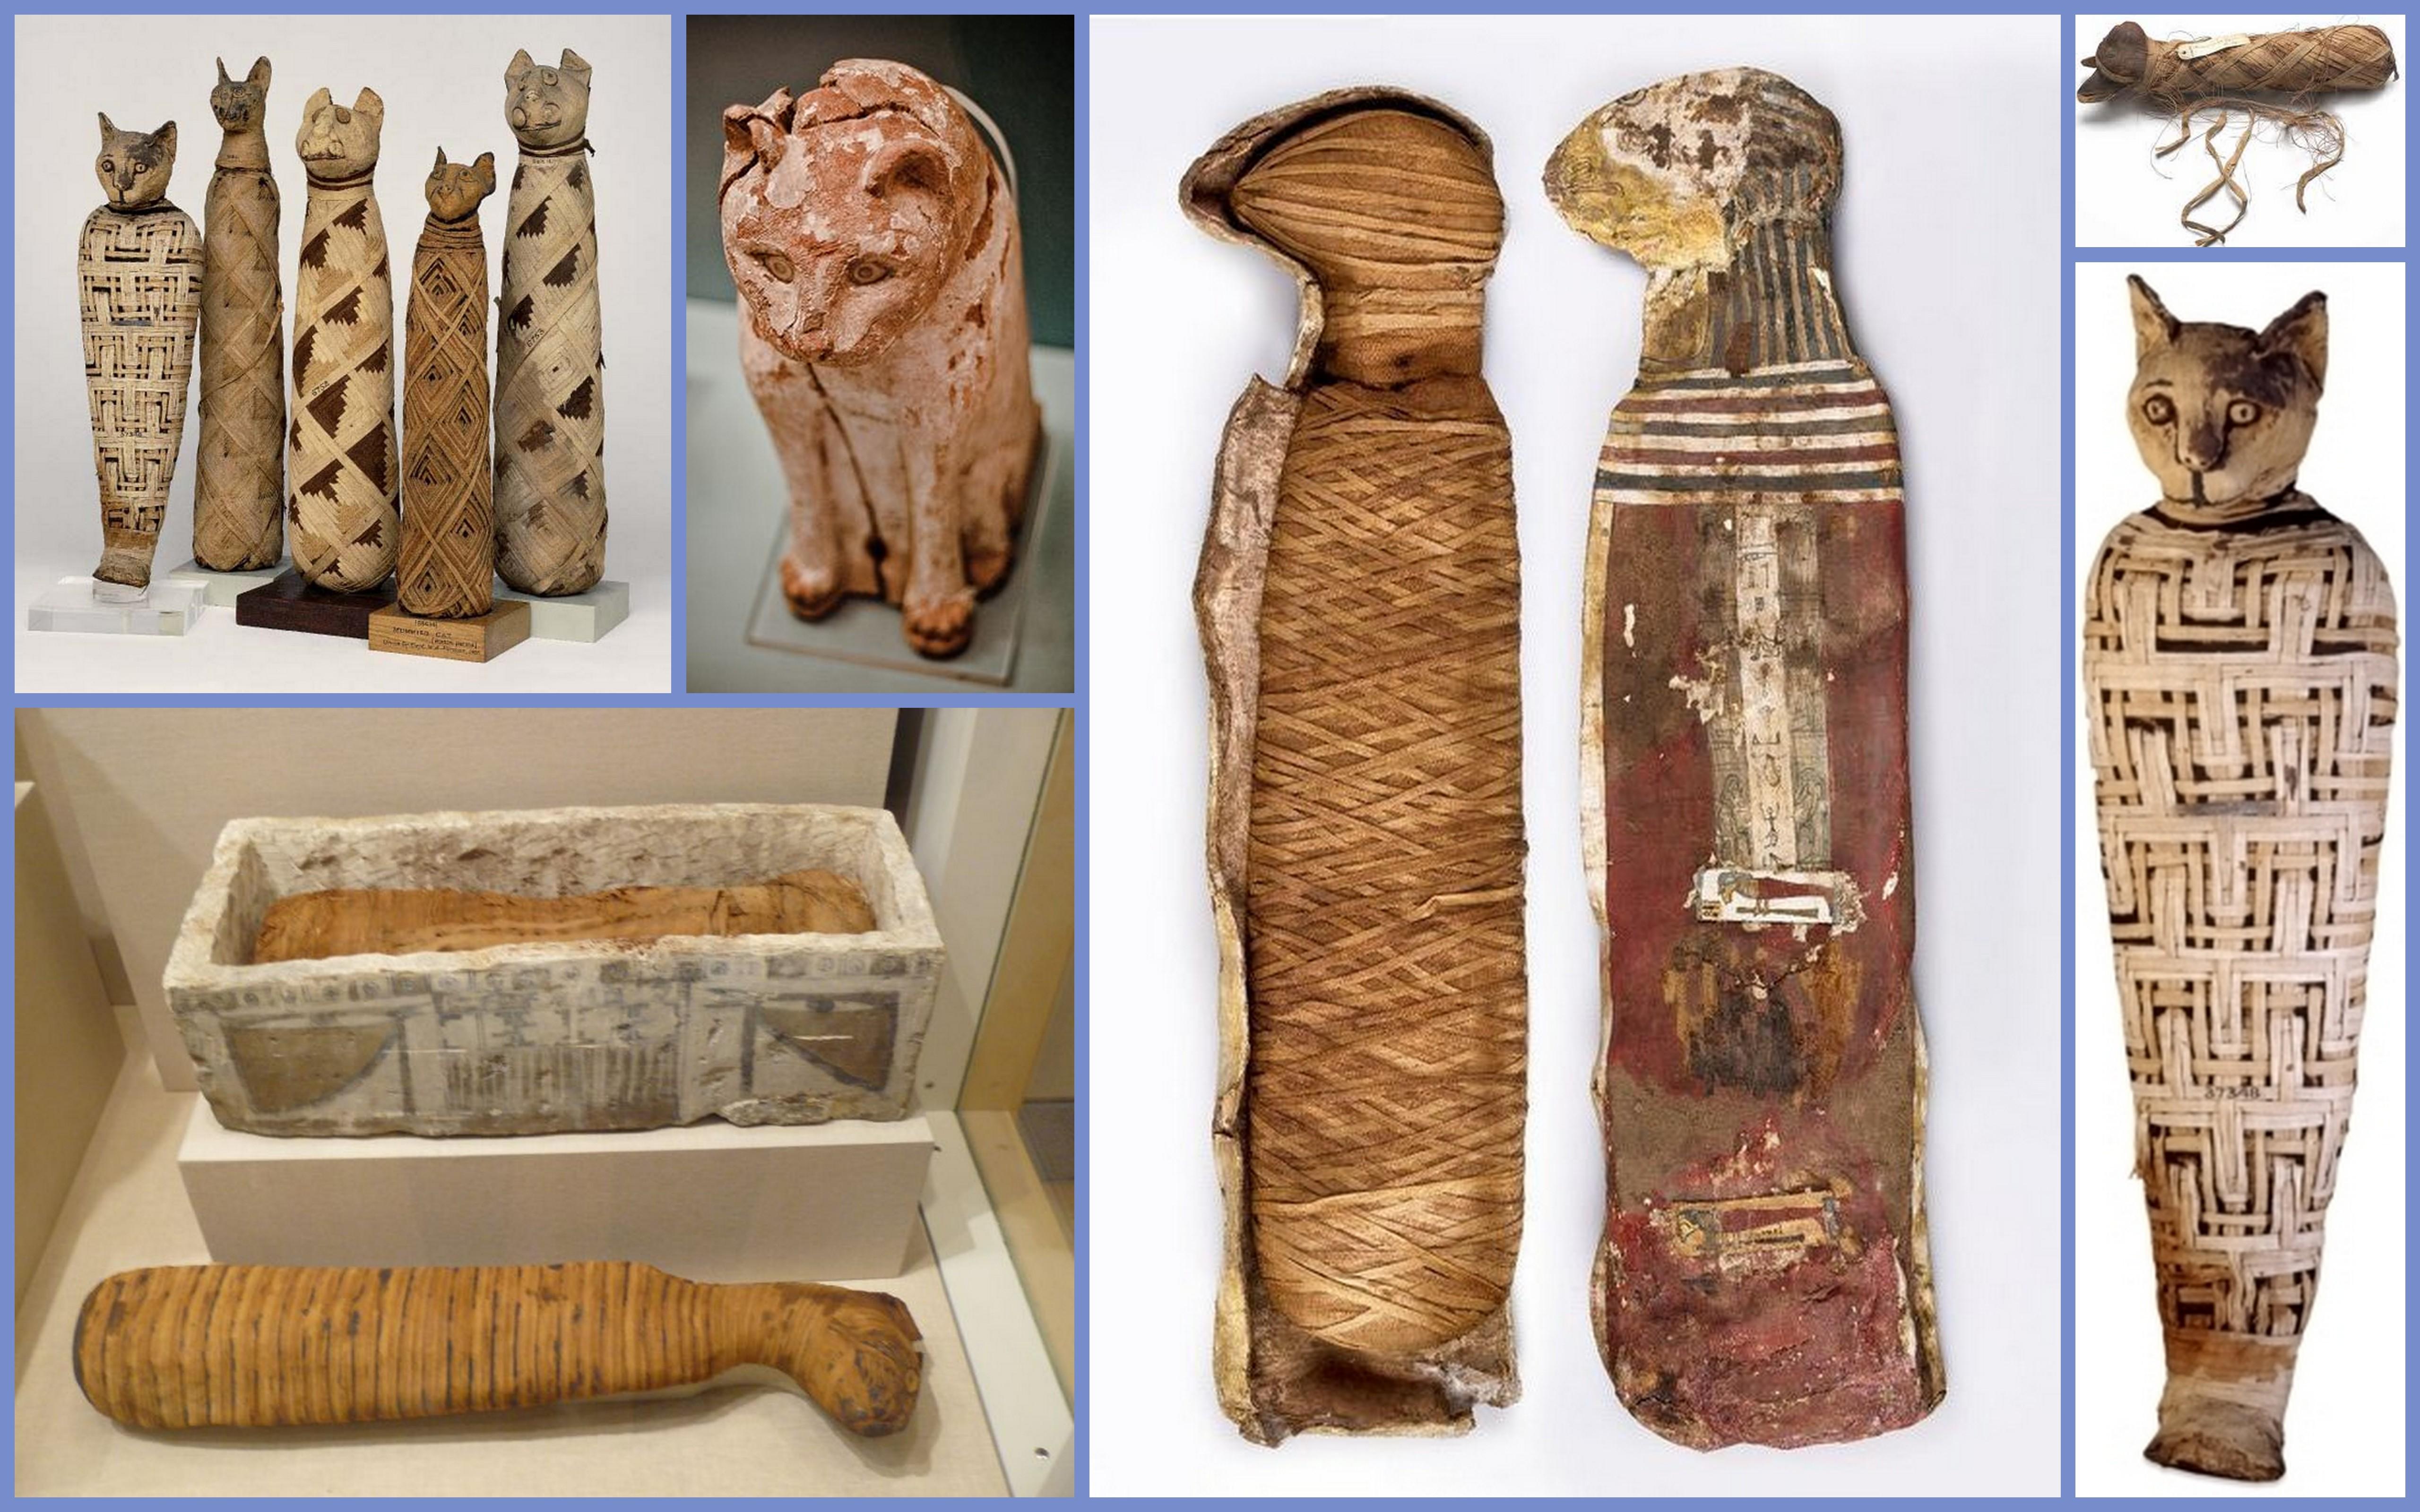 Potęga Imperium Brytyjskiego wyrosła na … mumiach, czyli biedny los kotów w starożytnym Egipcie